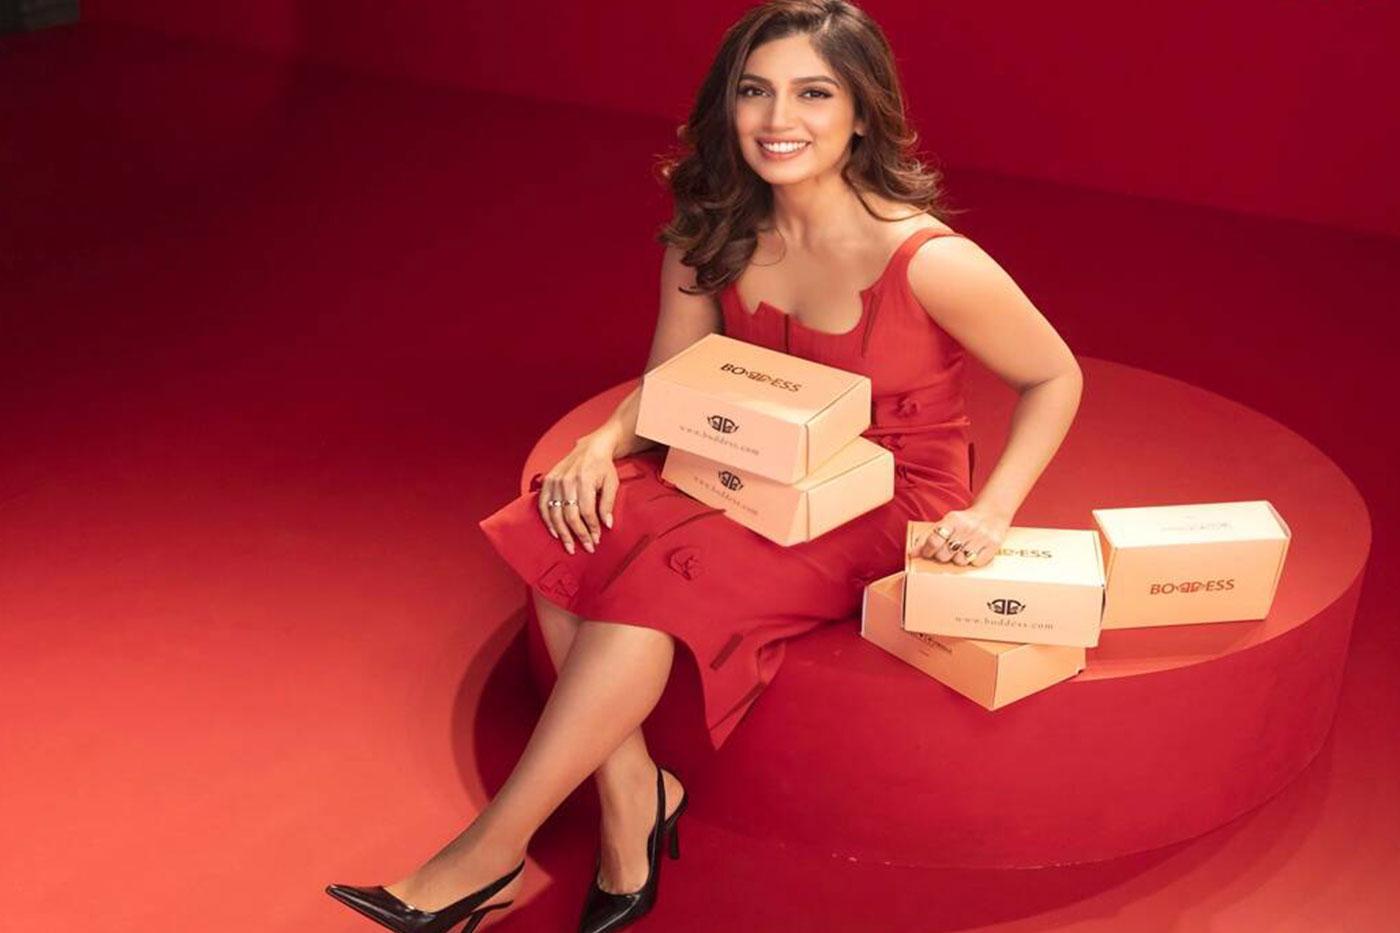 Boddess.com announces Bhumi Pednekar as brand ambassador